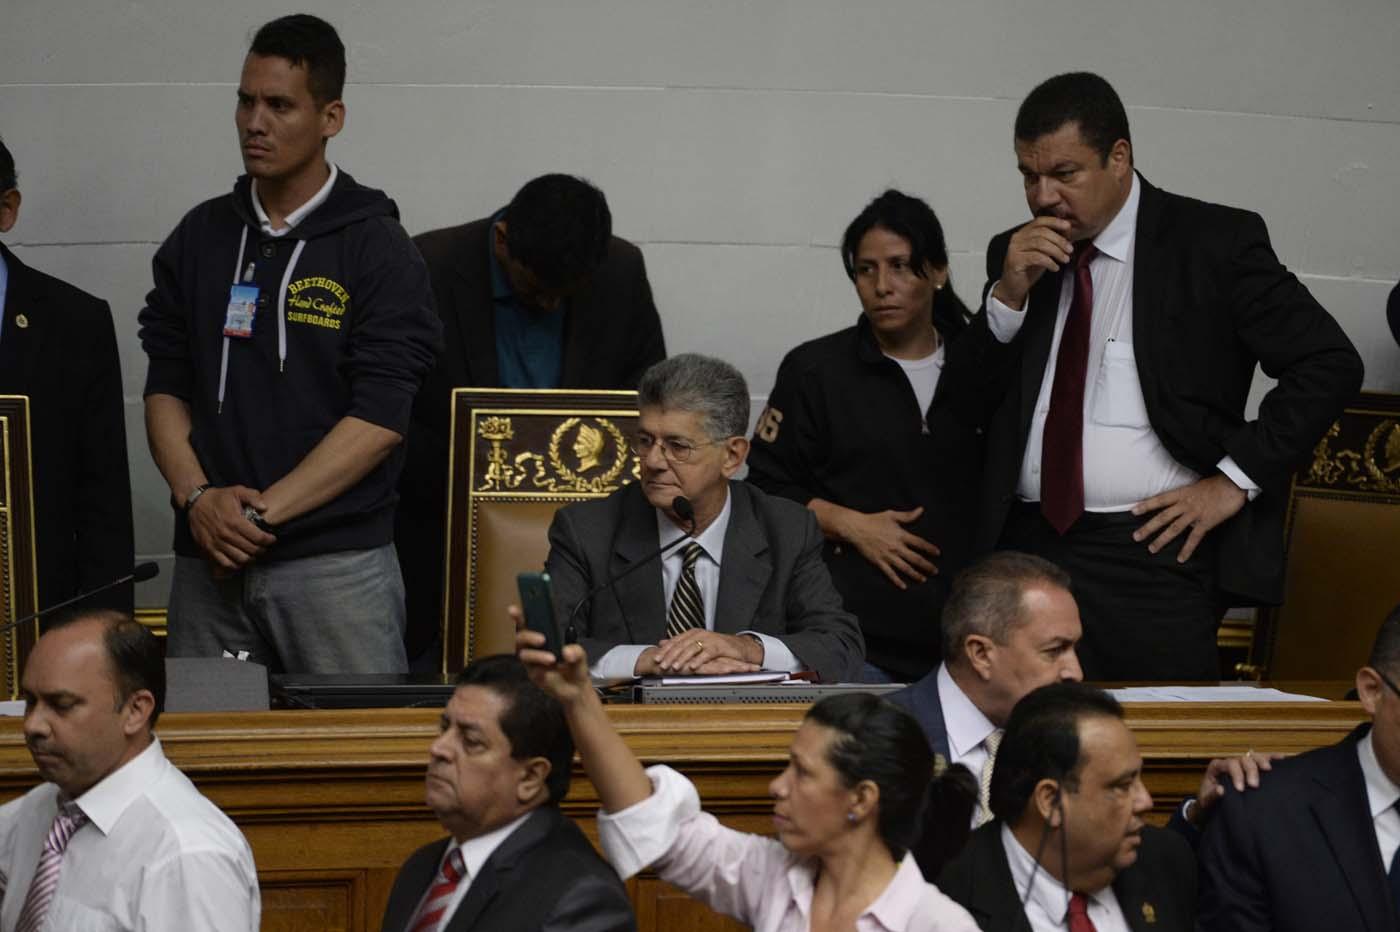 Gobierno de Nicolas Maduro. - Página 18 000_HF3C7